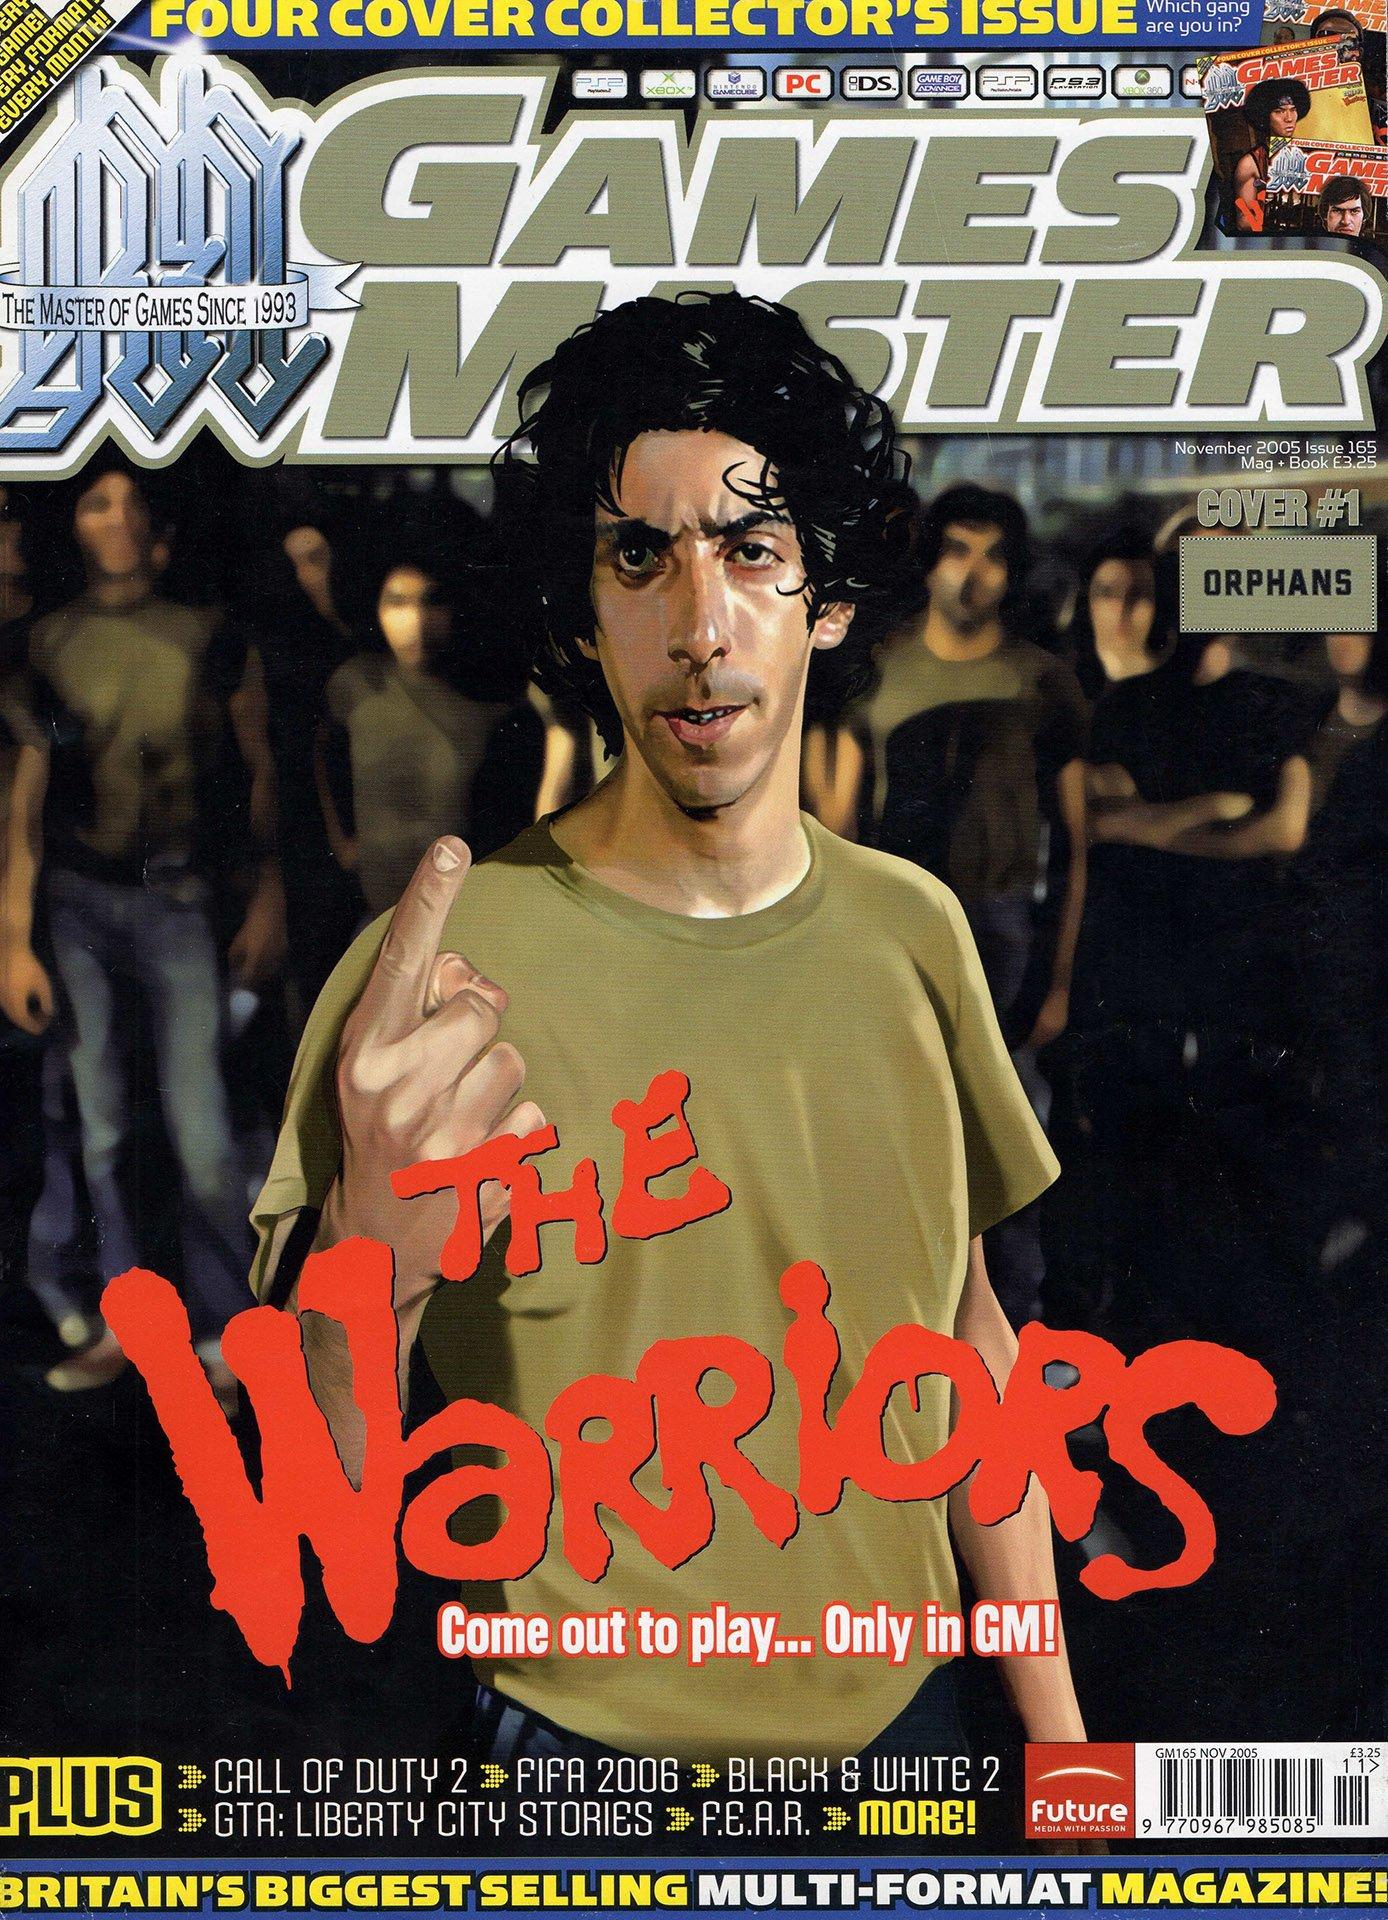 GamesMaster Issue 165 (November 2005) (cover 1)